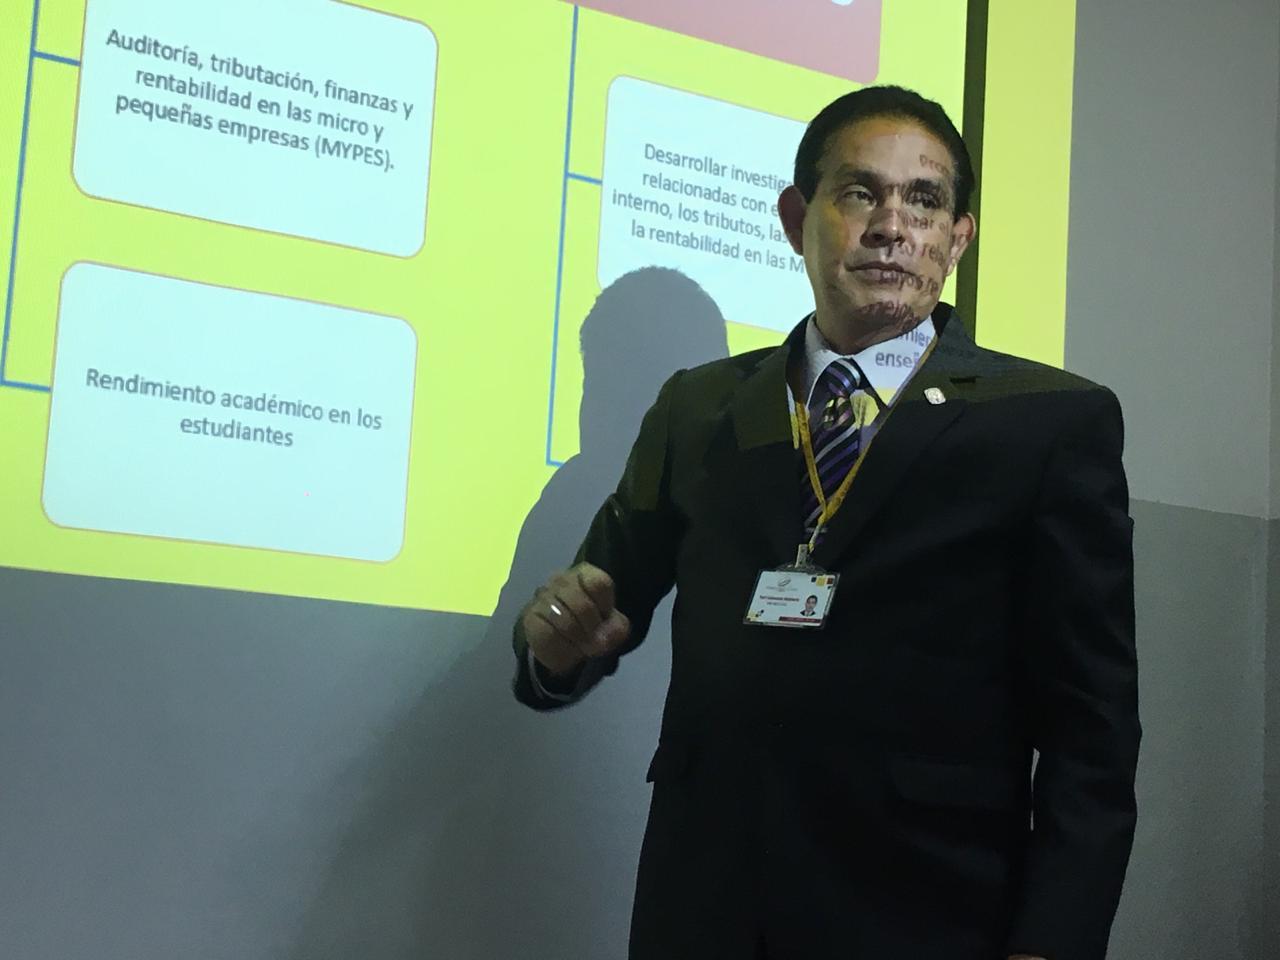 TELETRABAJO: Obligaciones del empleador y DERECHOS del trabajador